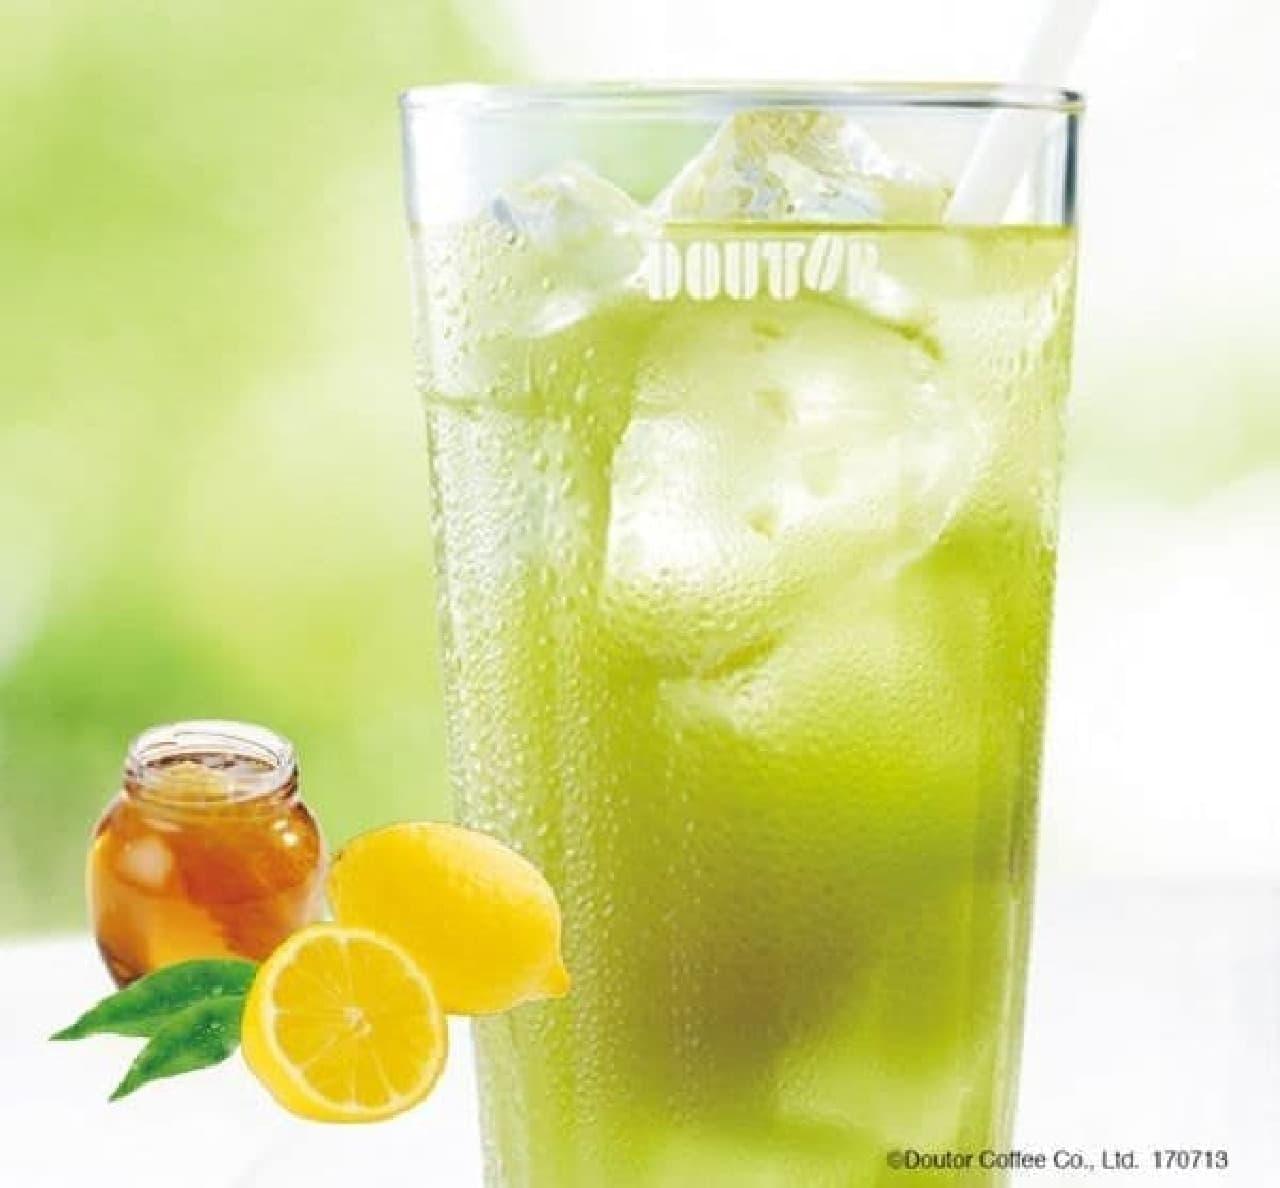 「グリーンレモティー ~瀬戸内レモン使用~」は、グリーンティーにはちみつレモンソースが加えられたドリンク